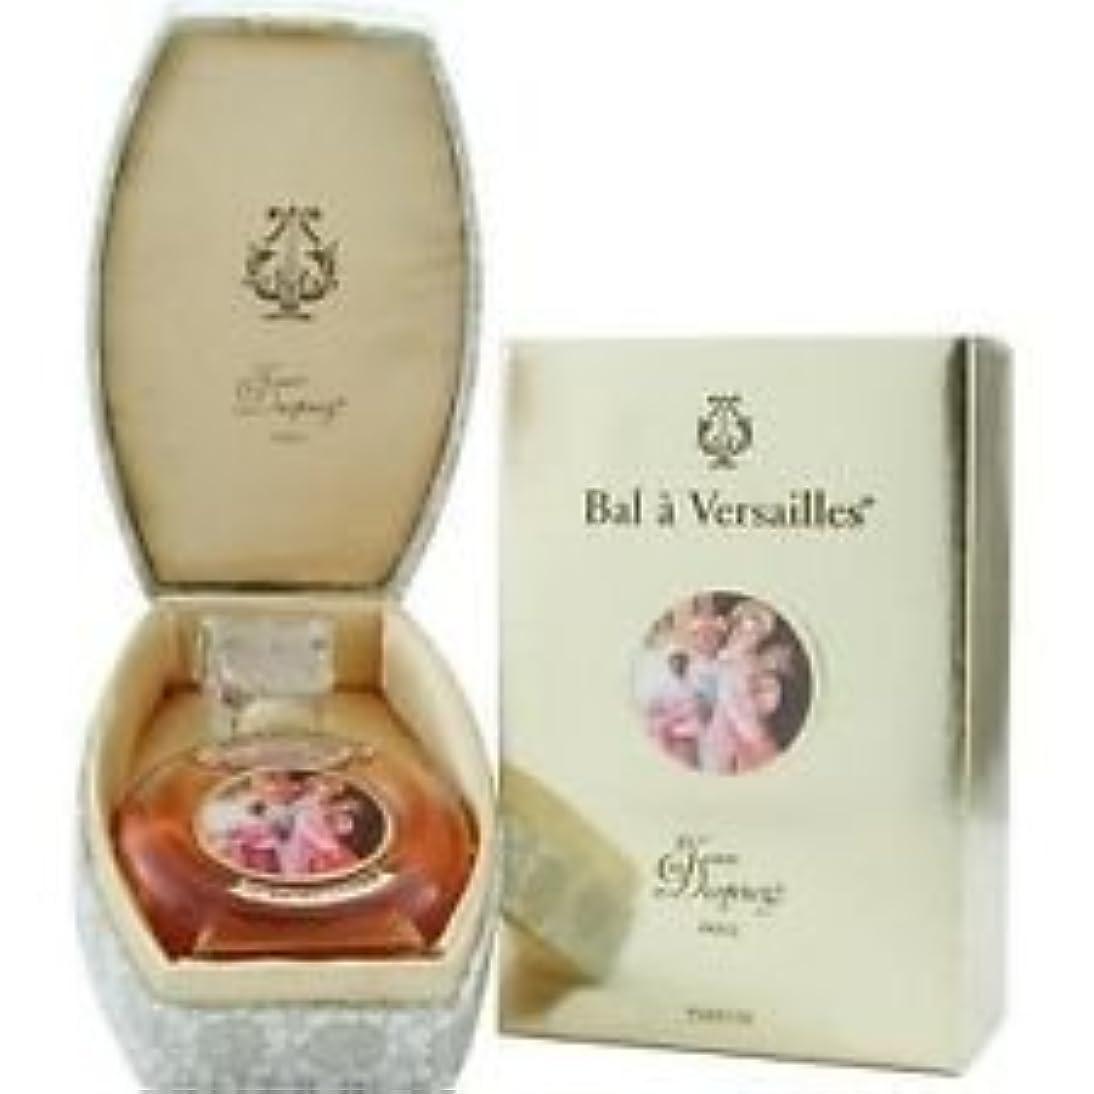 メンダシティ依存浅いBal A Versailles (バラ ベルサイユ) 0.9 oz (27ml) Deluxe Parfum (純粋香水) by Jean Desprez for Women